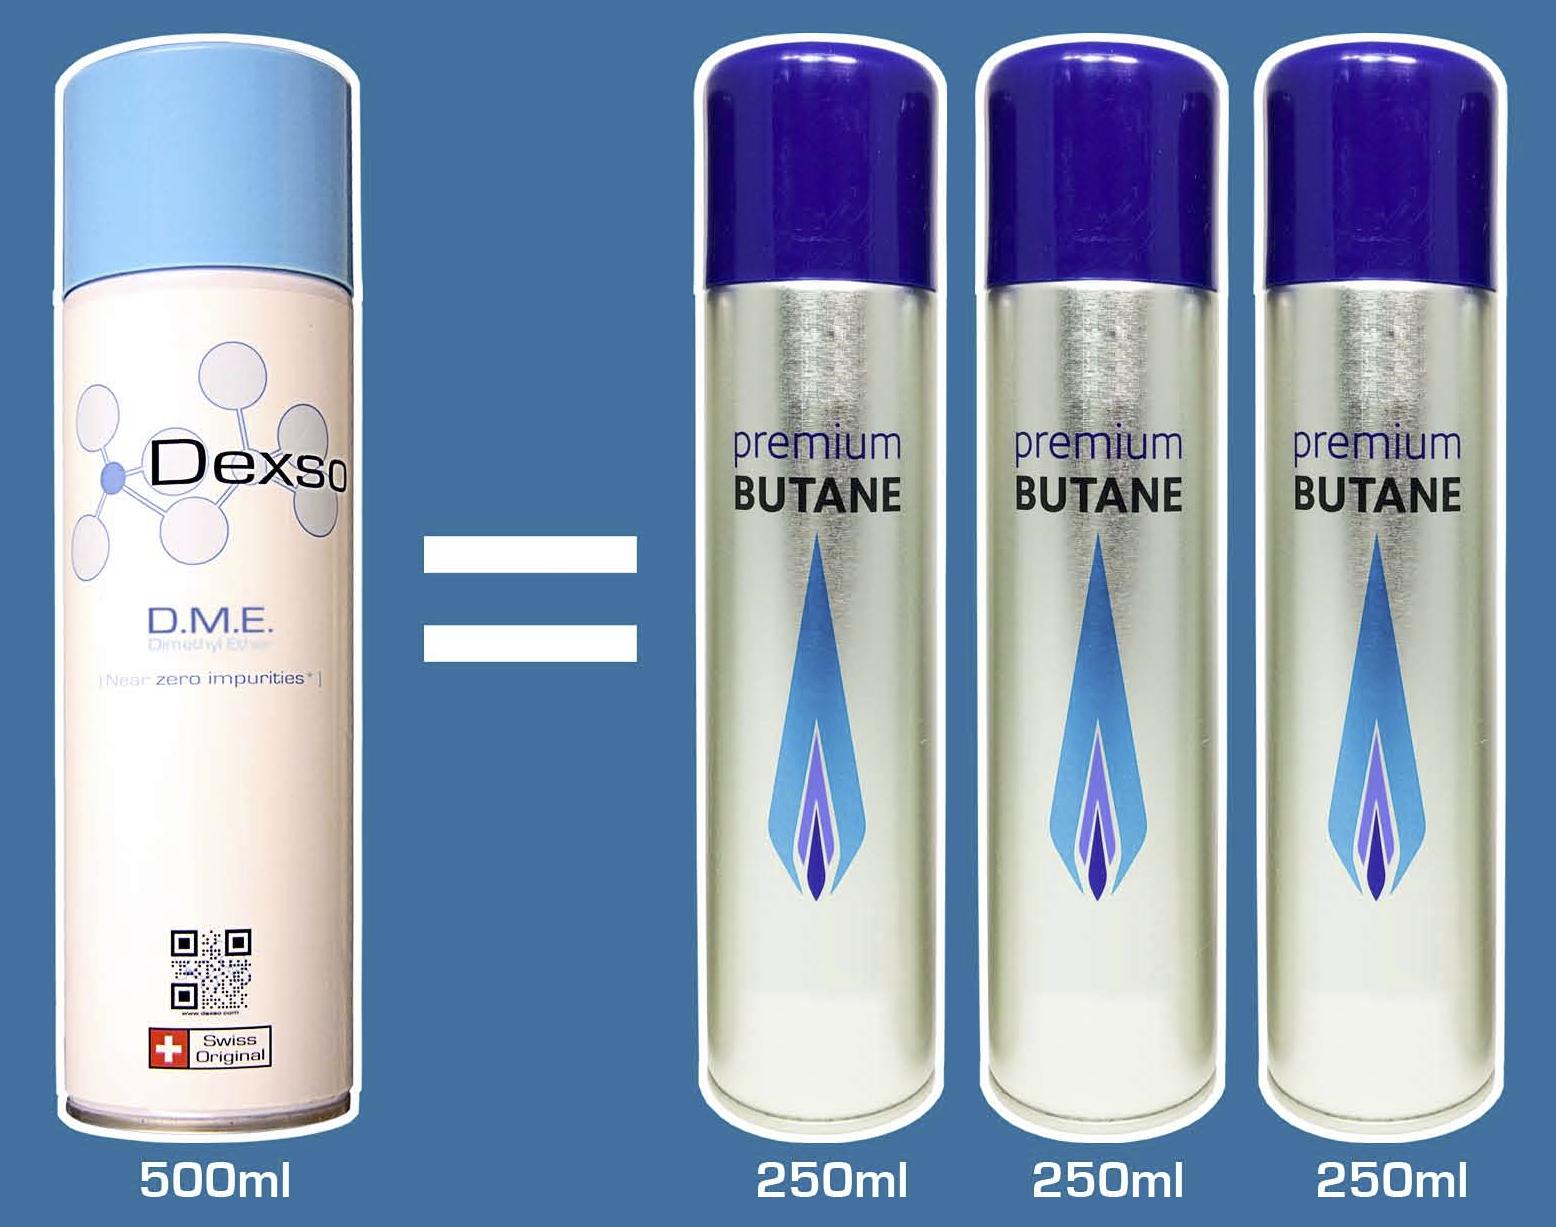 Le Gaz Butane dedans quel gaz utiliser pour vos extractions de bho ? headshops.fr